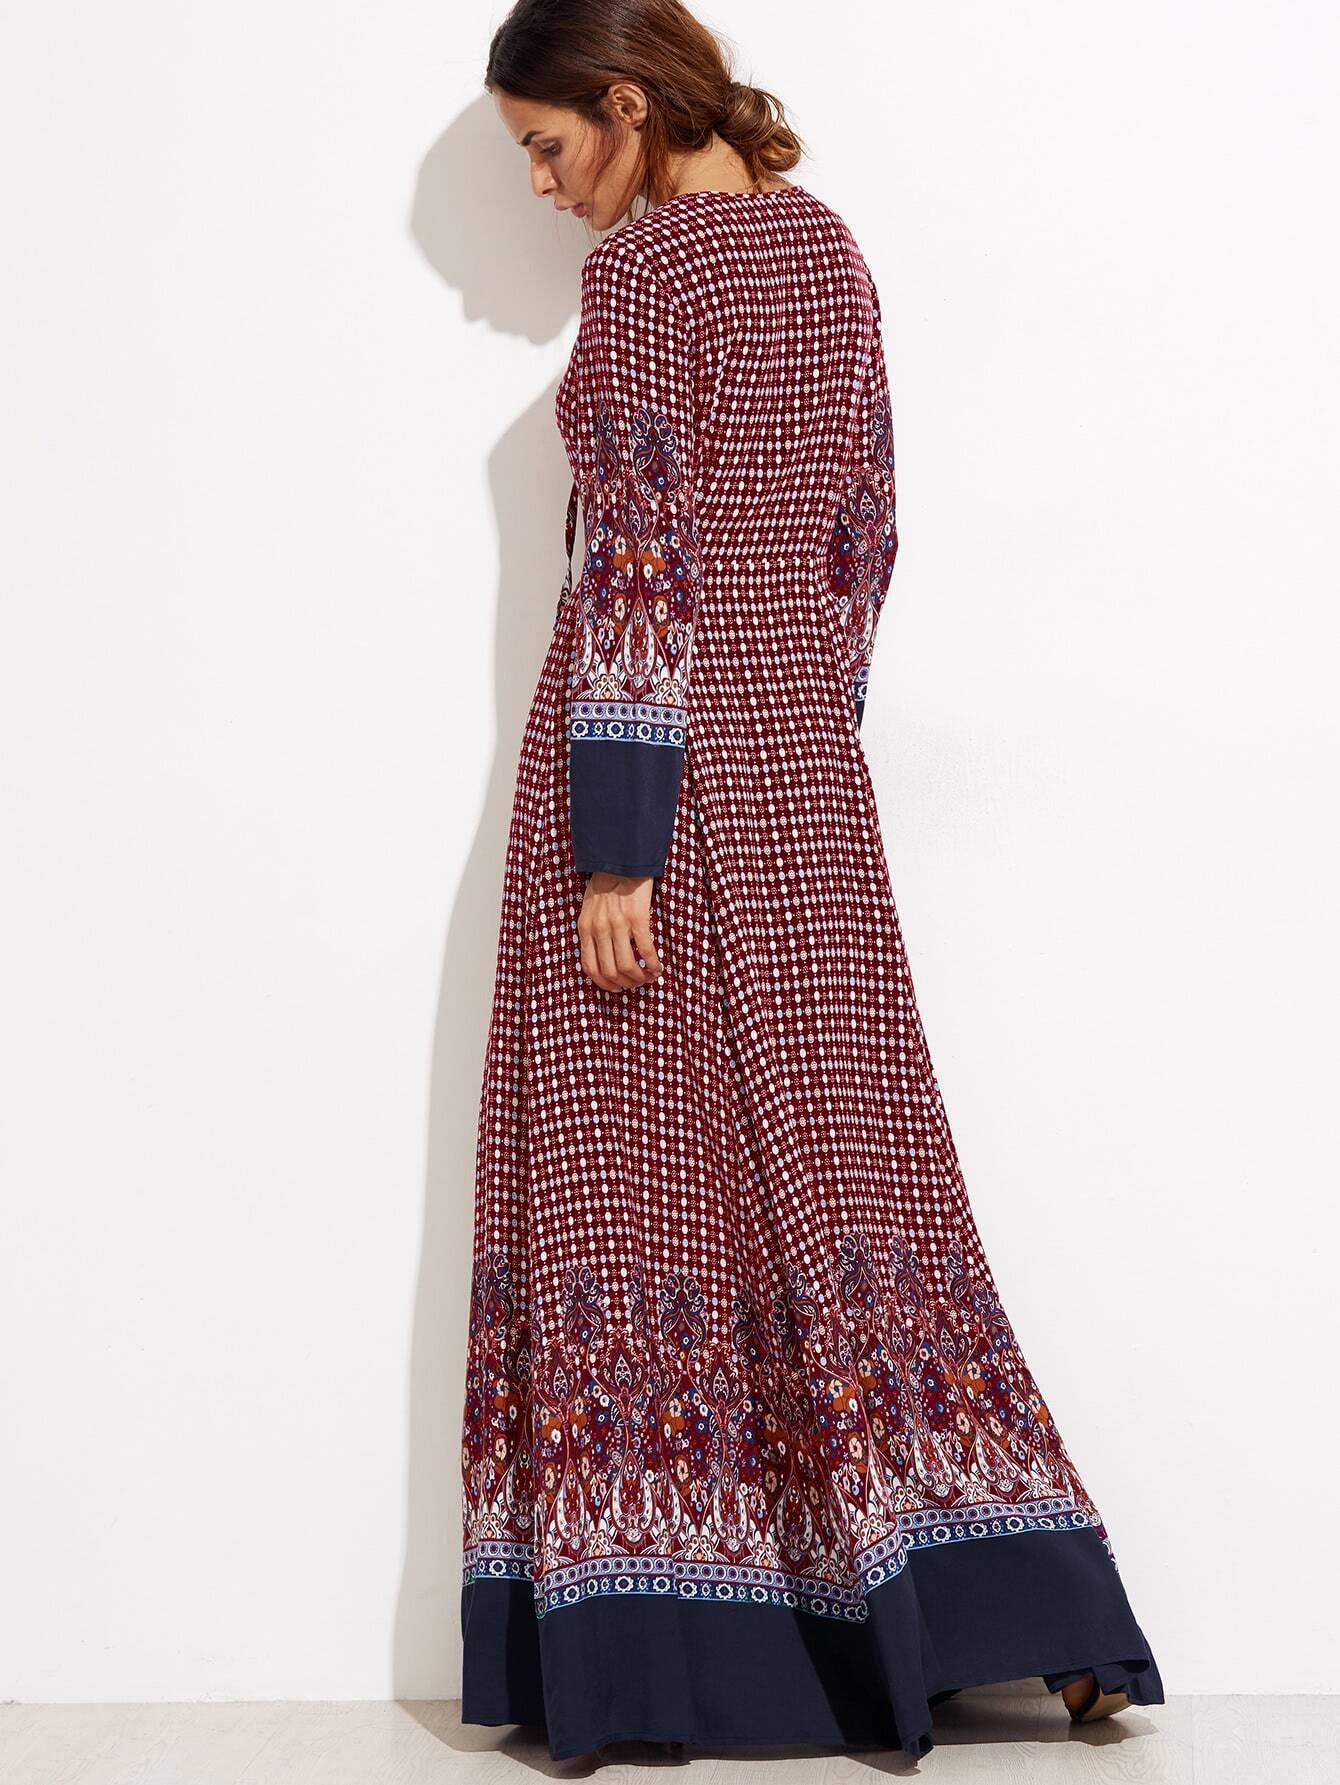 dress160921501_2